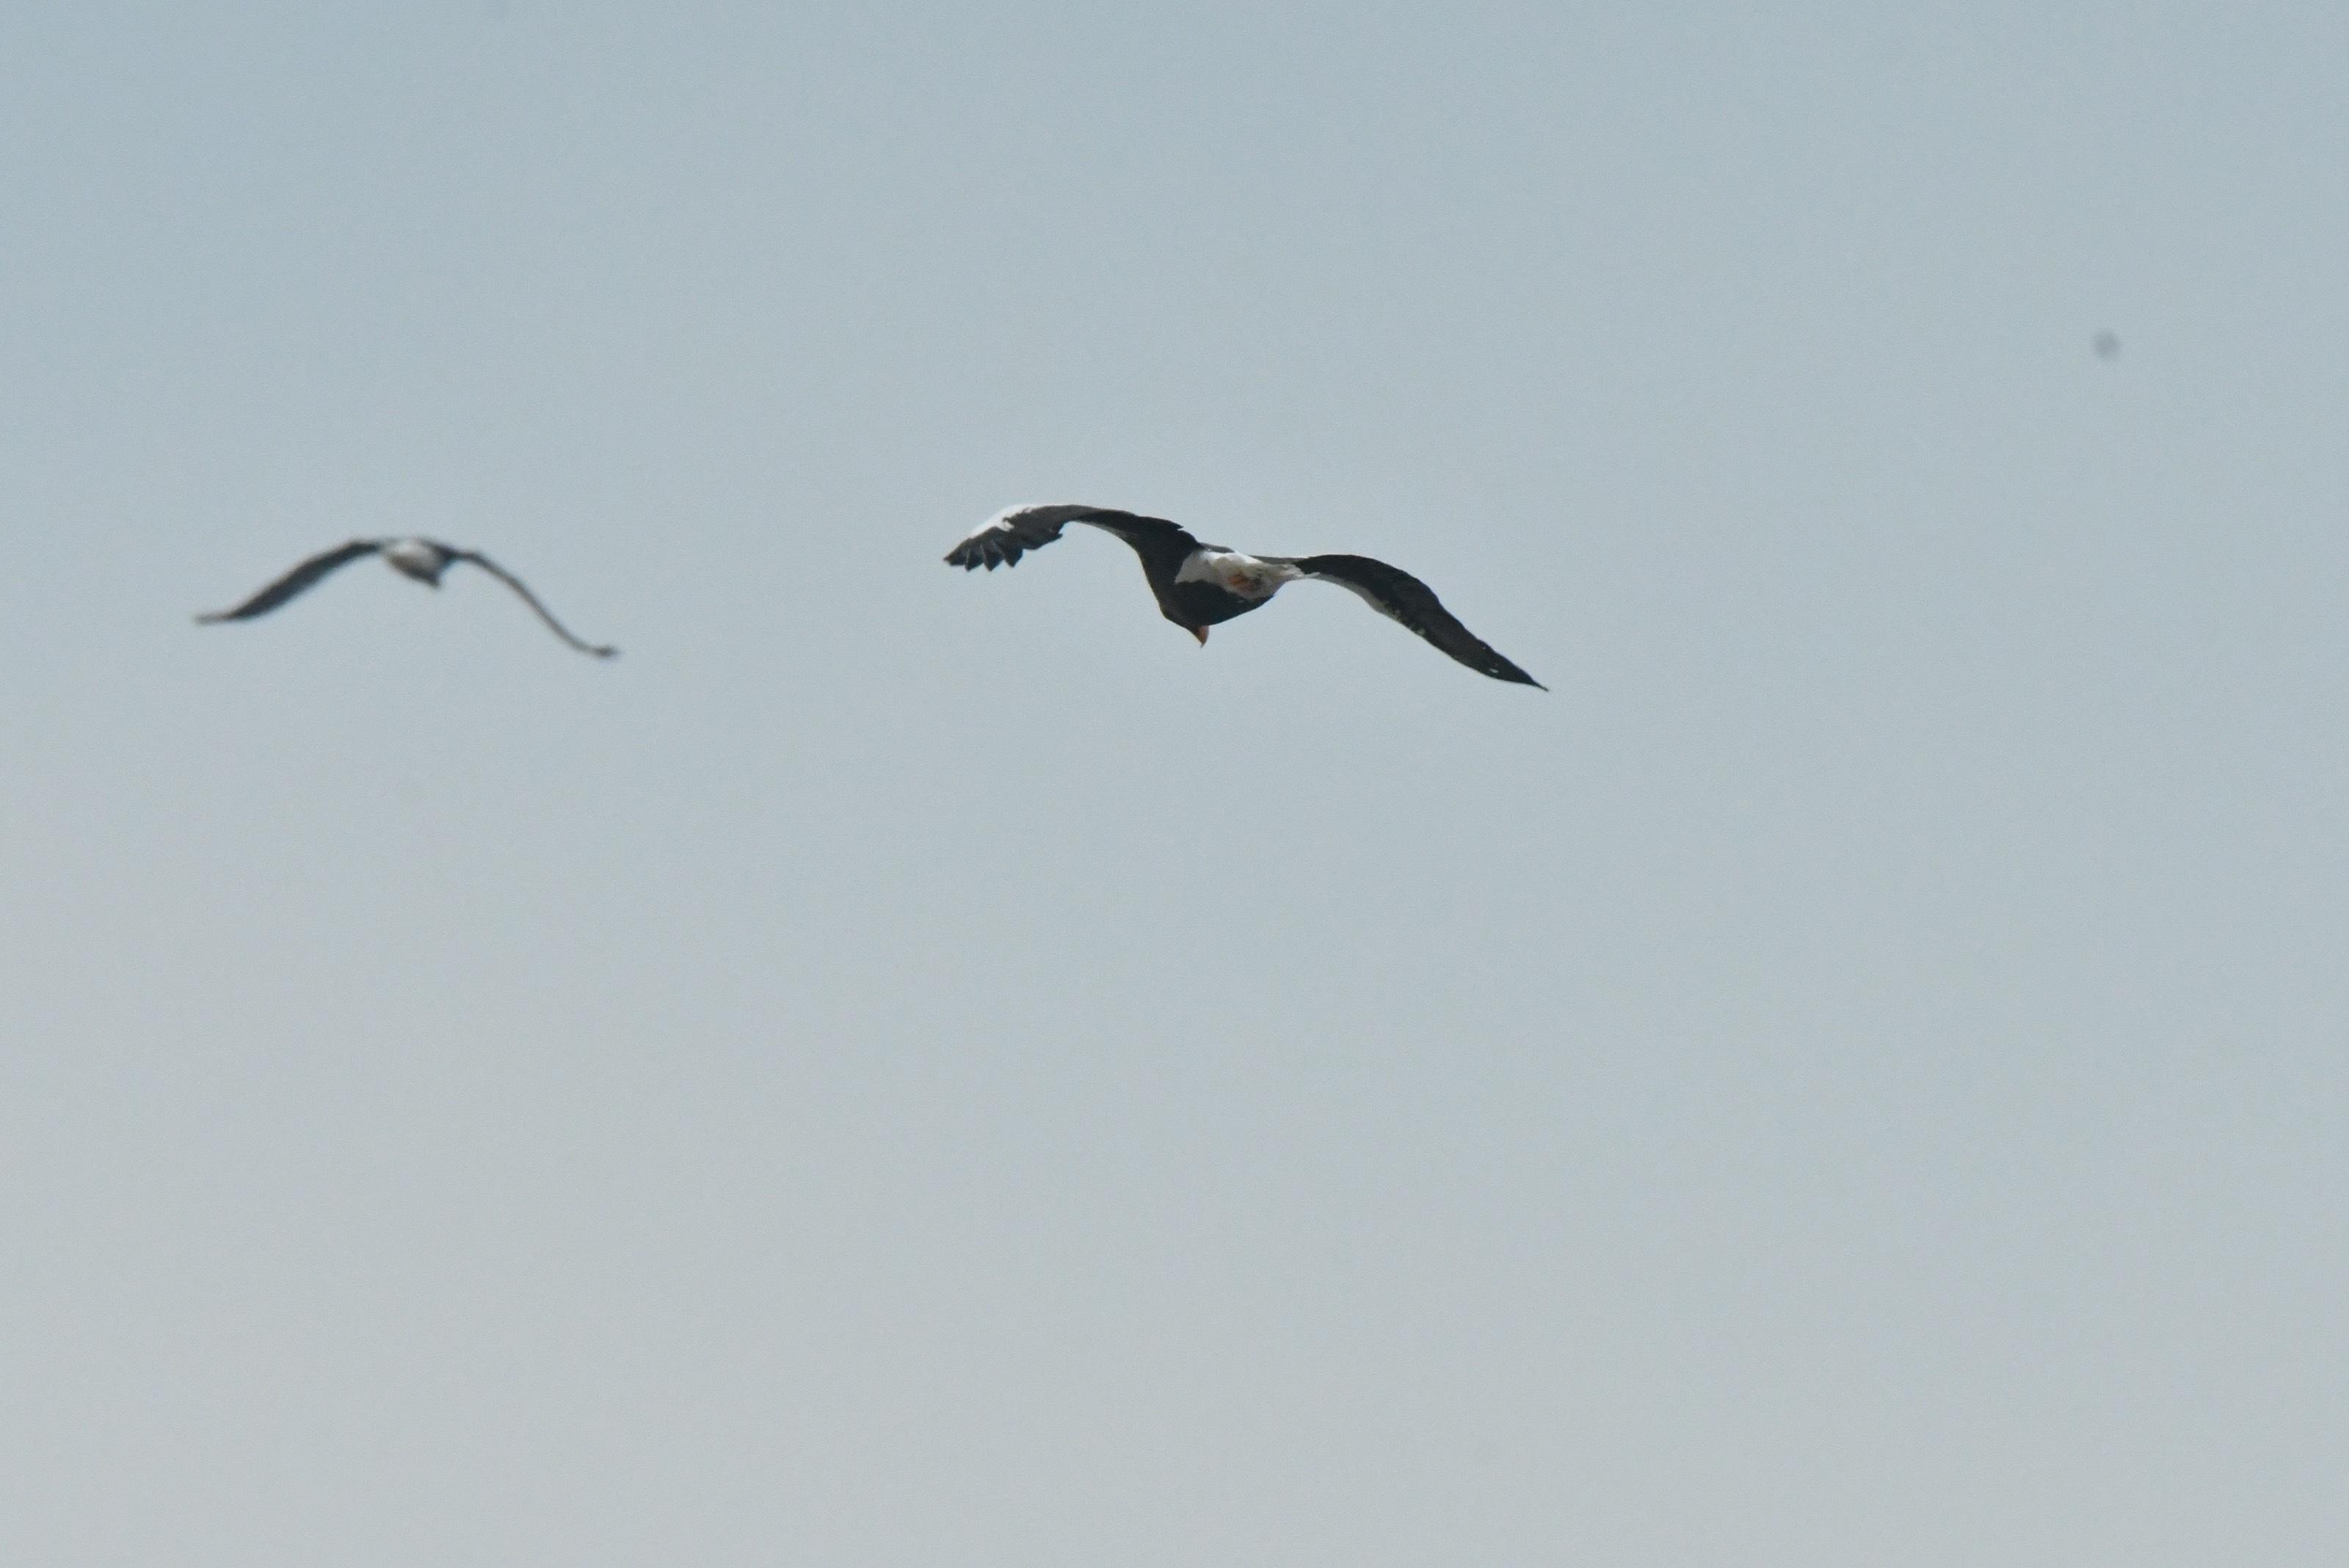 オオワシ成鳥2羽